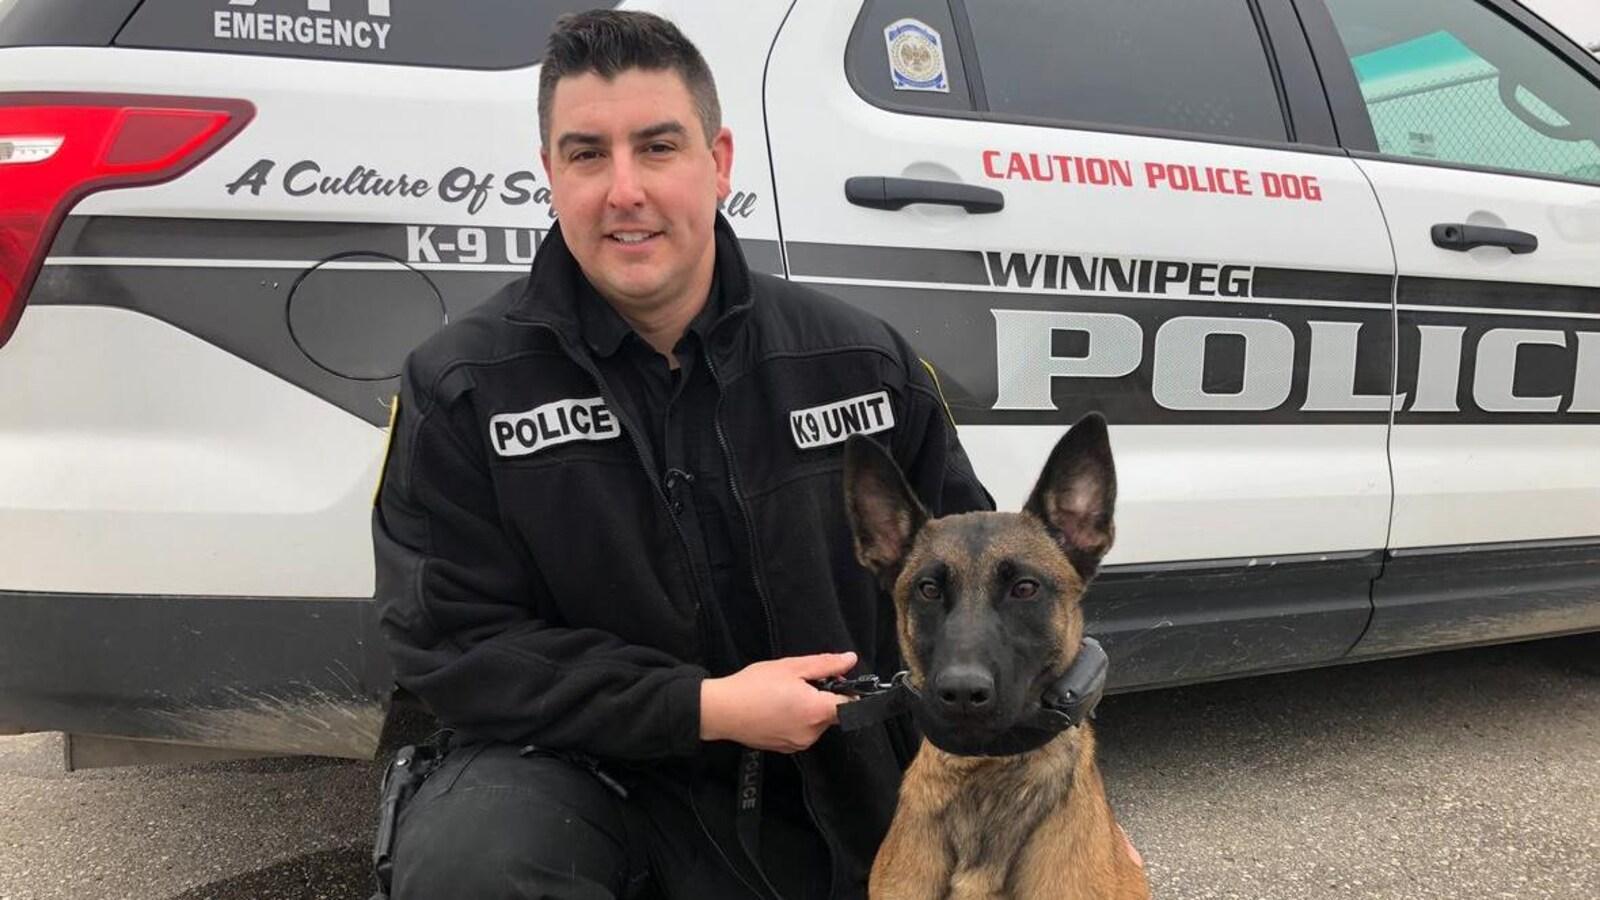 Un policier tient un chien en laisse devant une voiture de police.